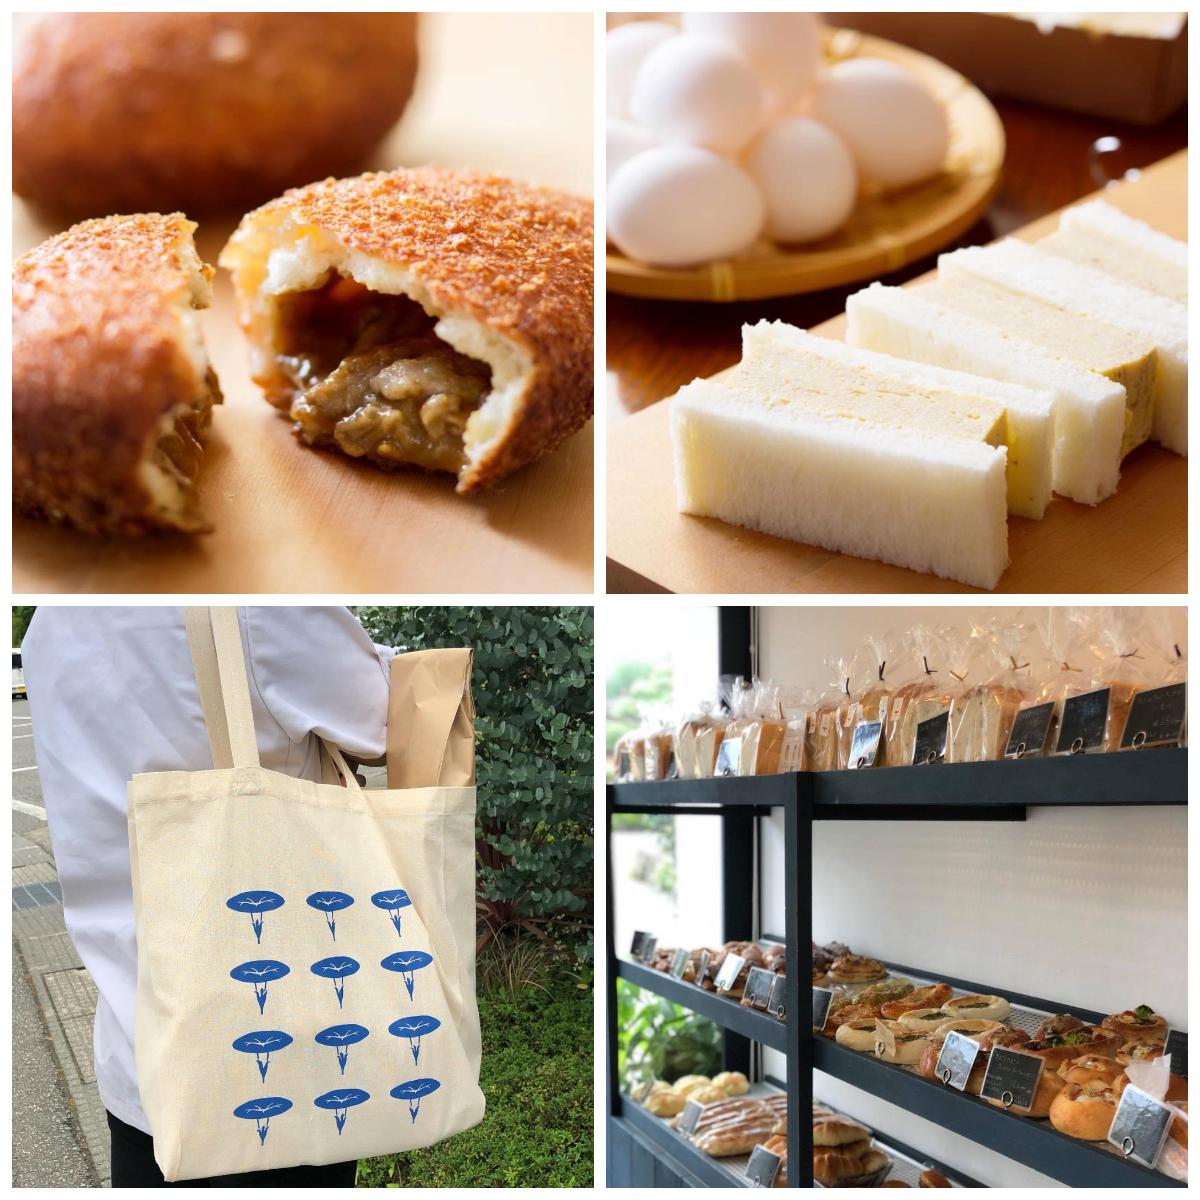 パンの朝顔 小松の人気ベーカリーが3周年を記念して、オリジナルエコバッグをプレゼント!